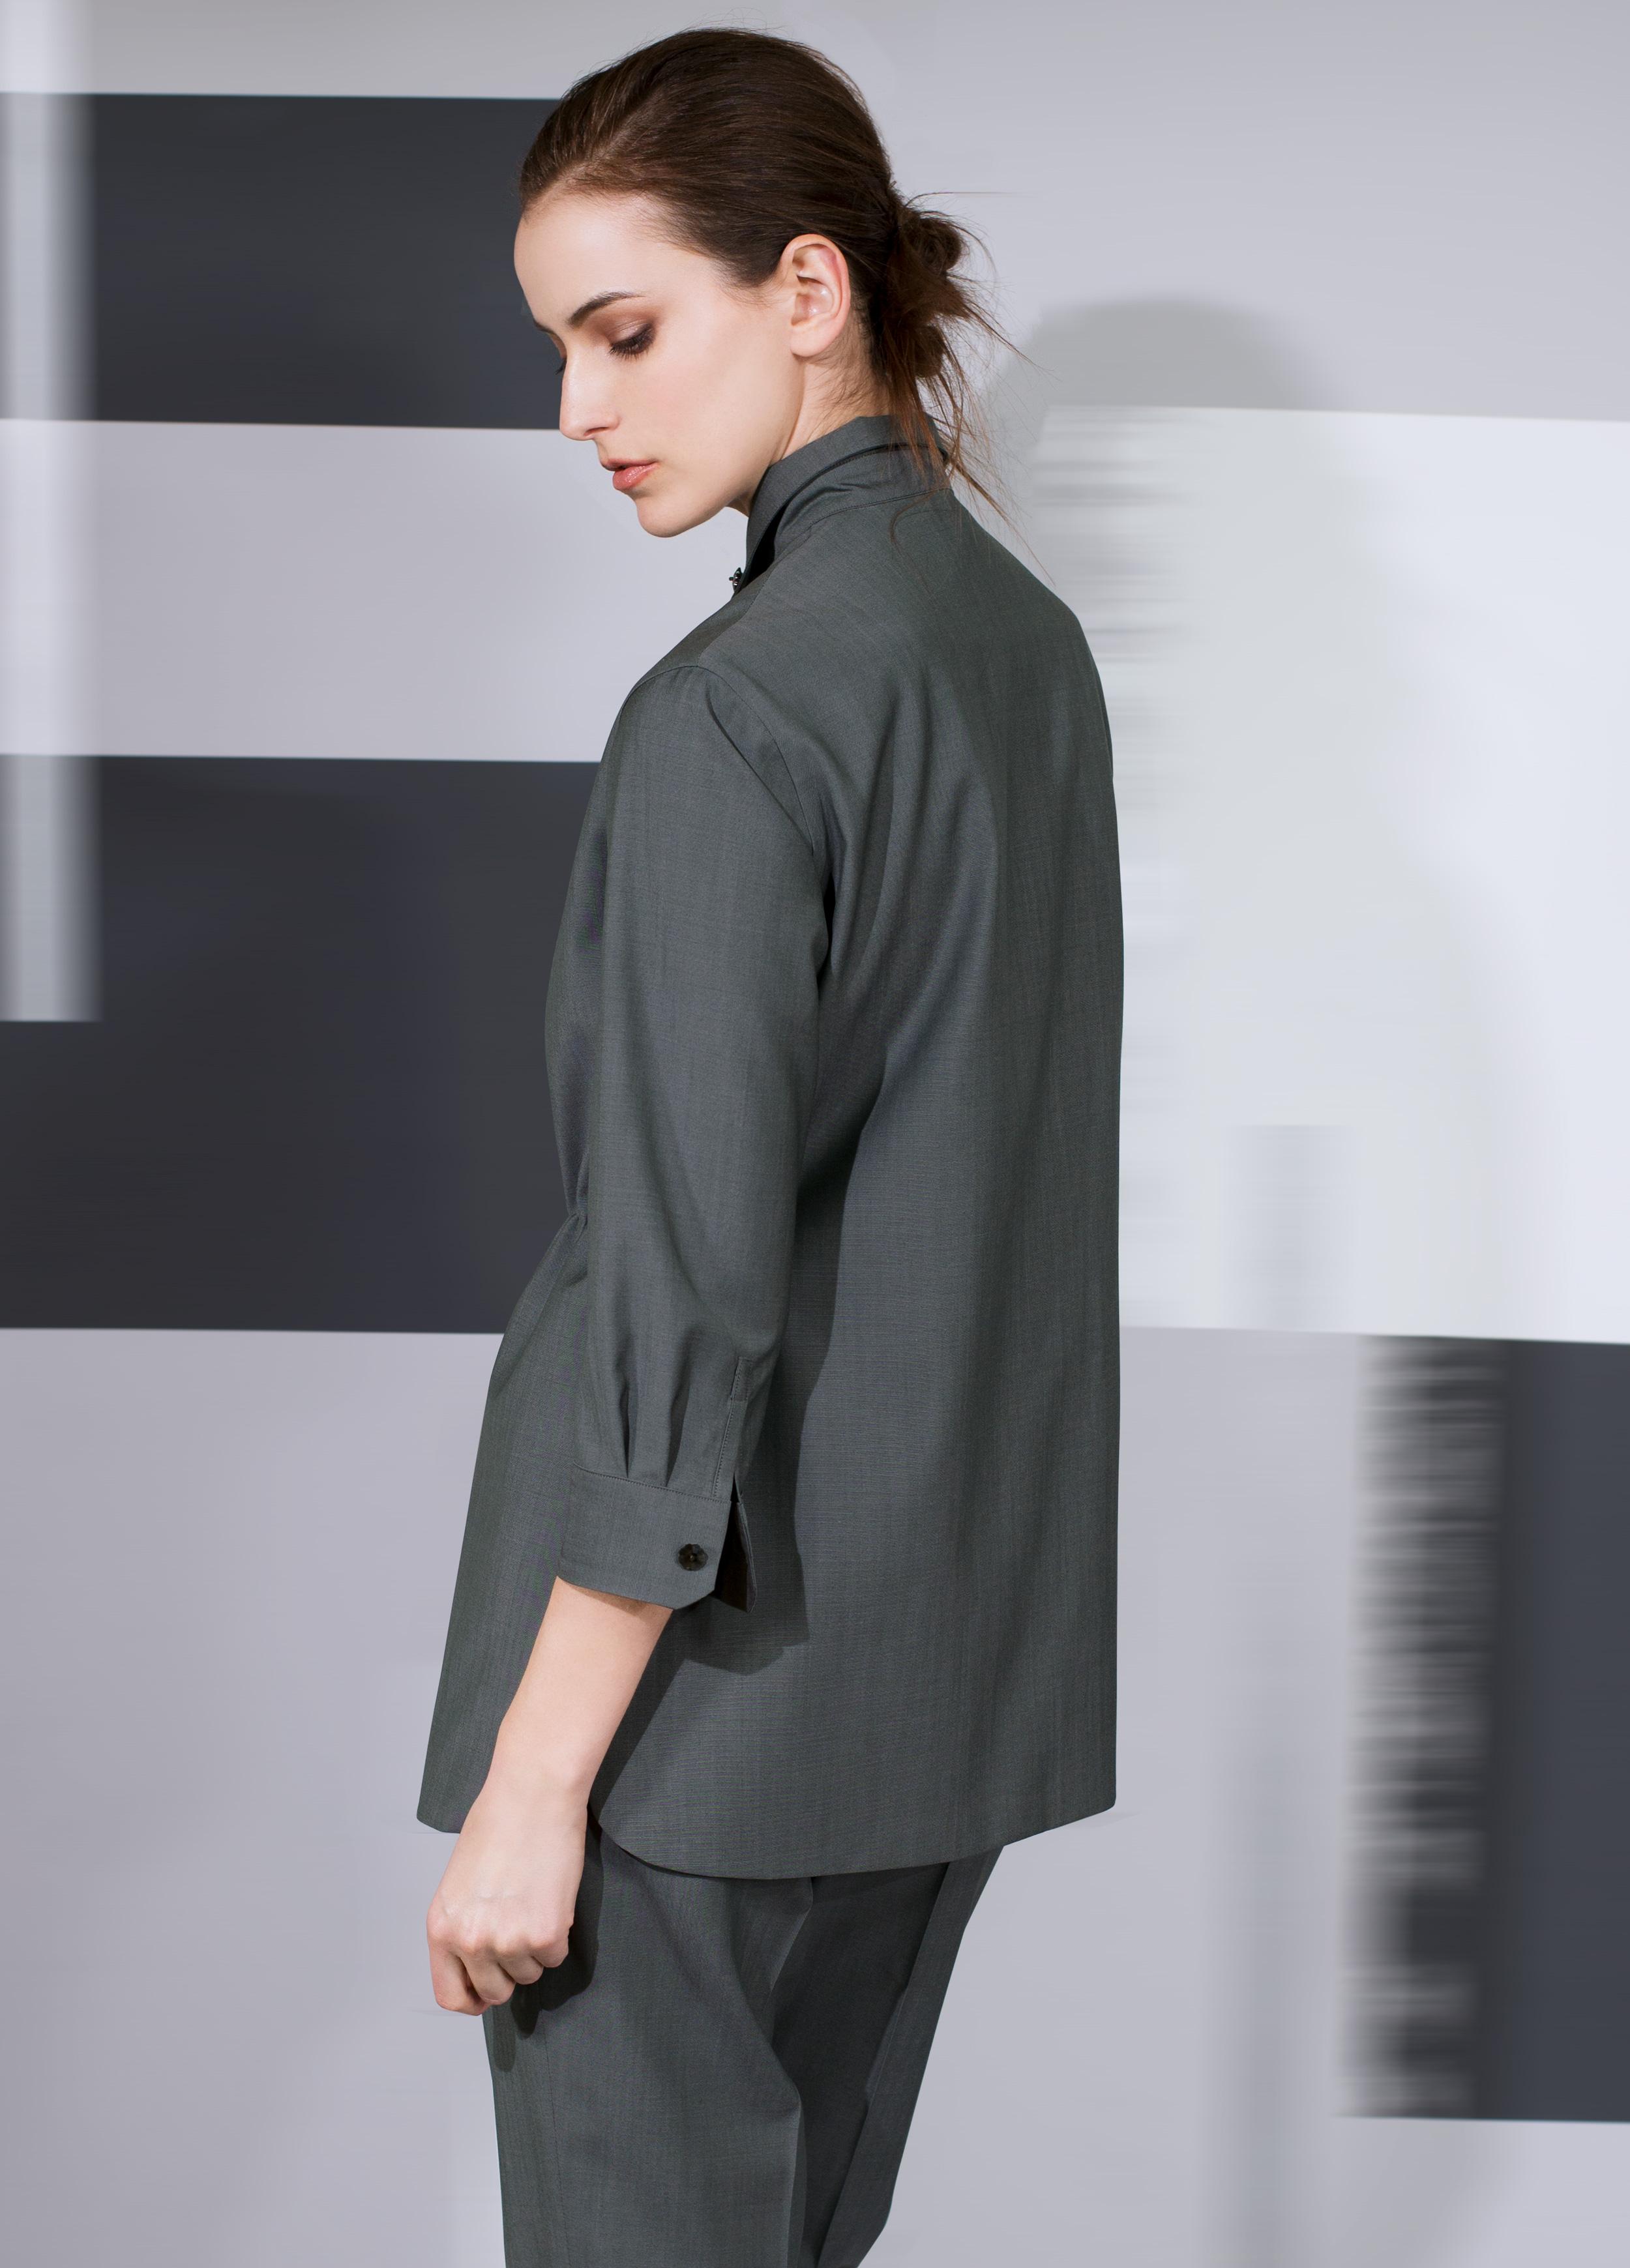 women's-Italian-suit .jpg